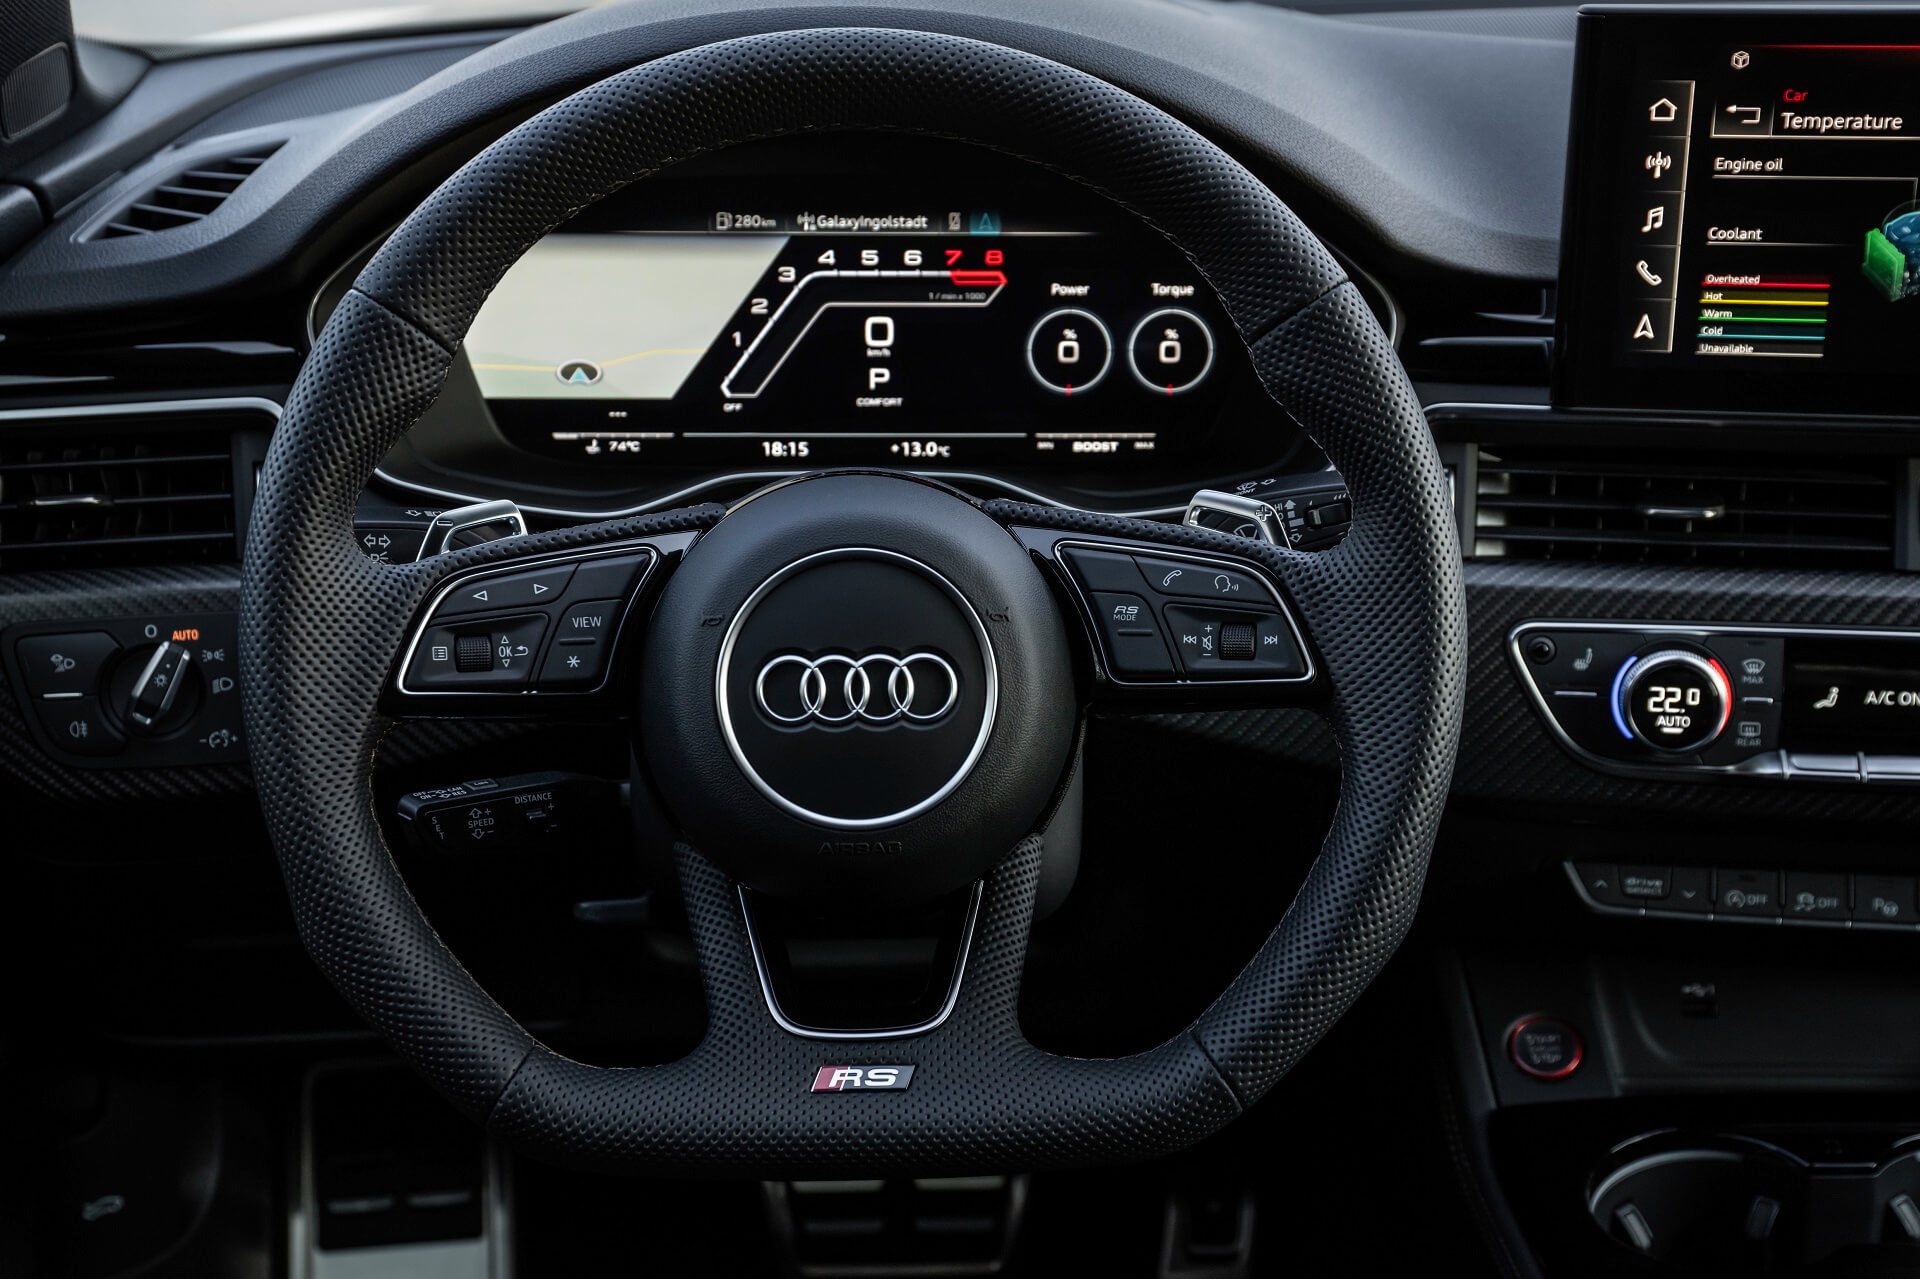 """Νέο Audi RS 5 - Οθόνη αφής MMI 10,1 ιντσών, σύστημα ψυχαγωγίας MMI navigation plus, προβολή """"RS monitor"""""""